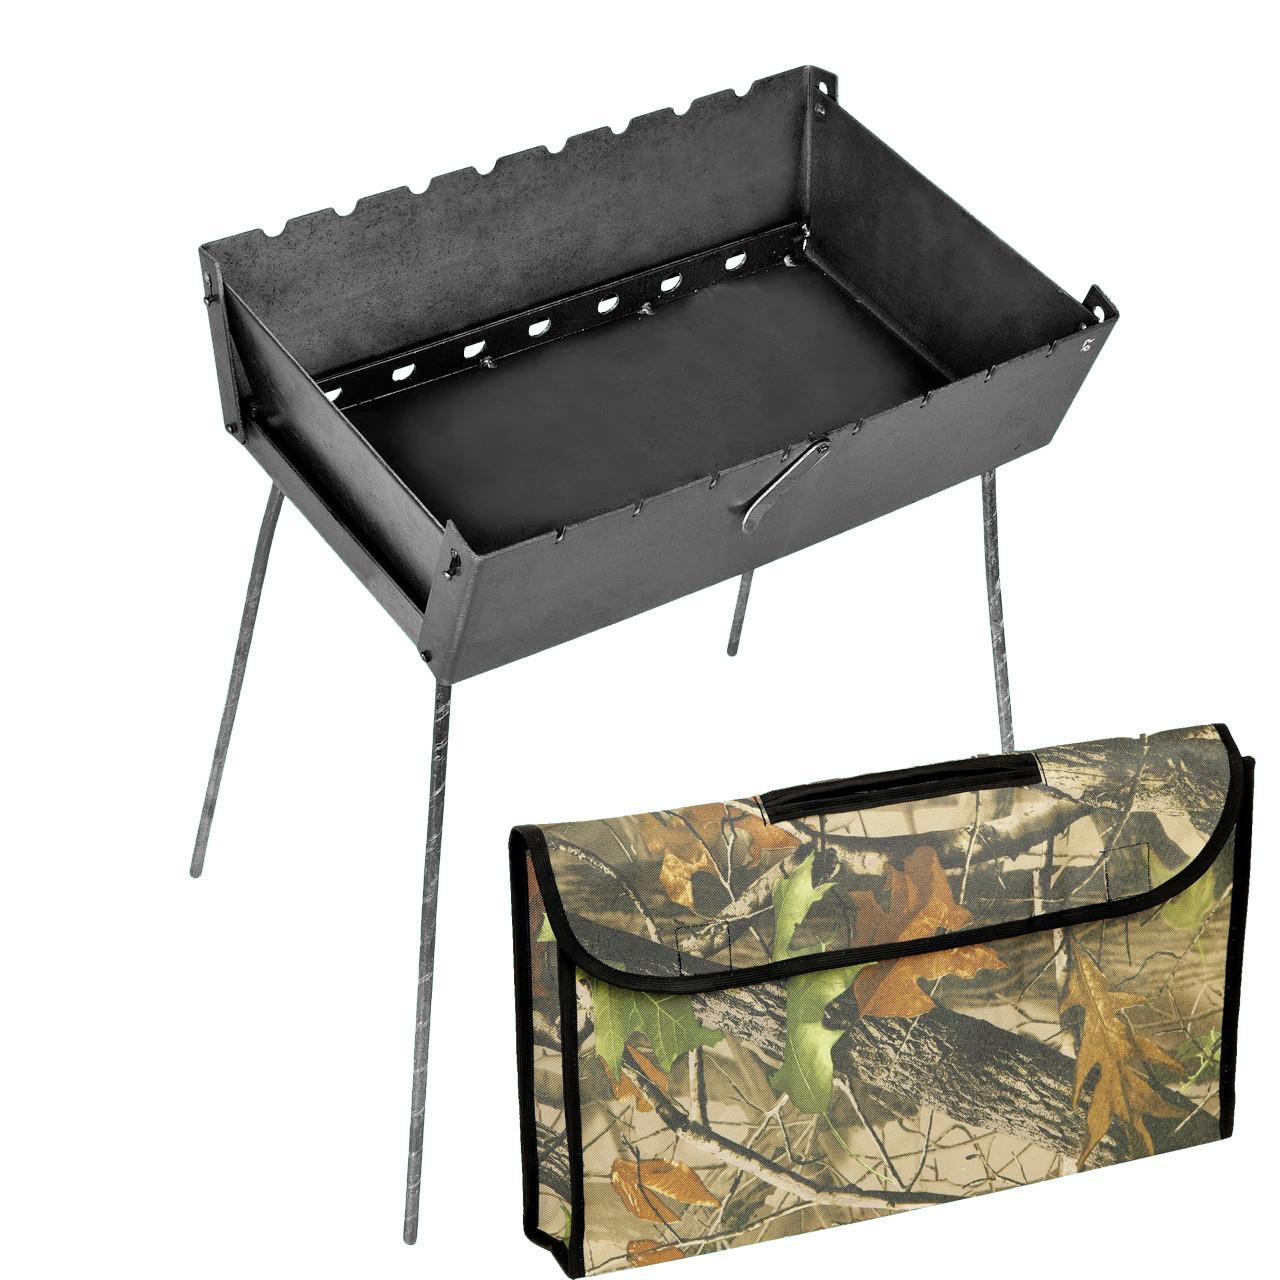 Мангал - чемодан 3 мм на 8 шампуров 450х300х140мм + Чехол